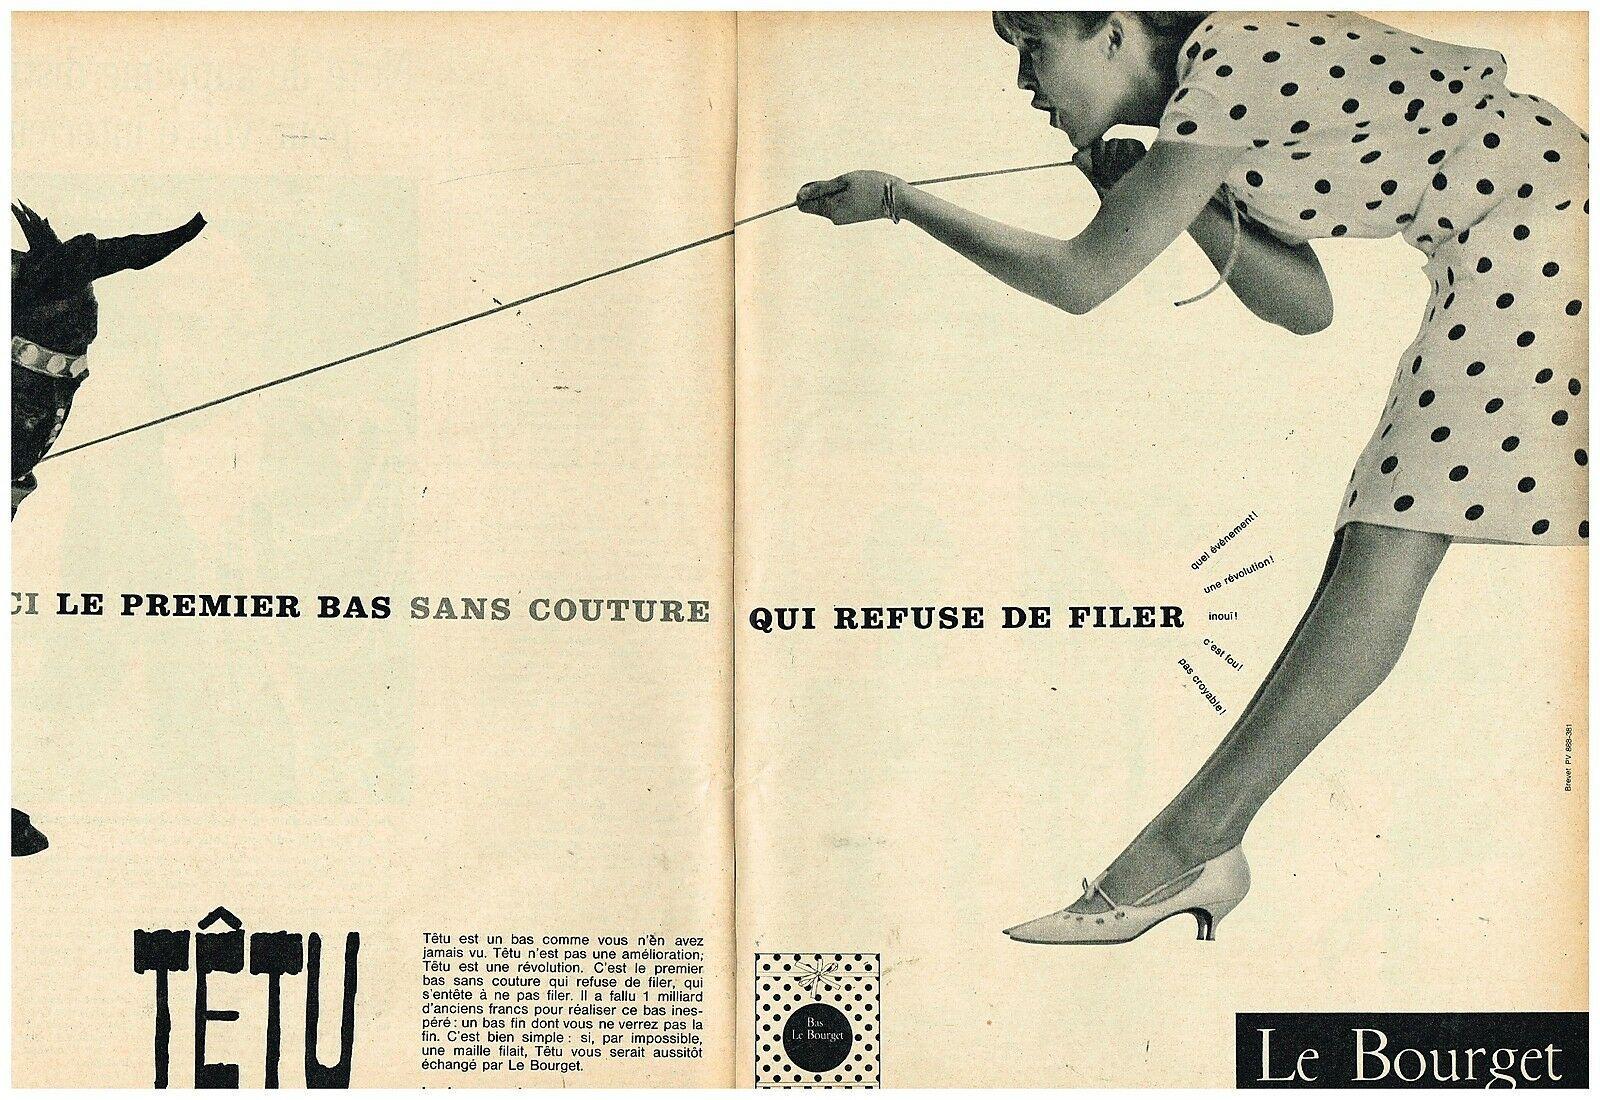 Tetu le Bourget 1962